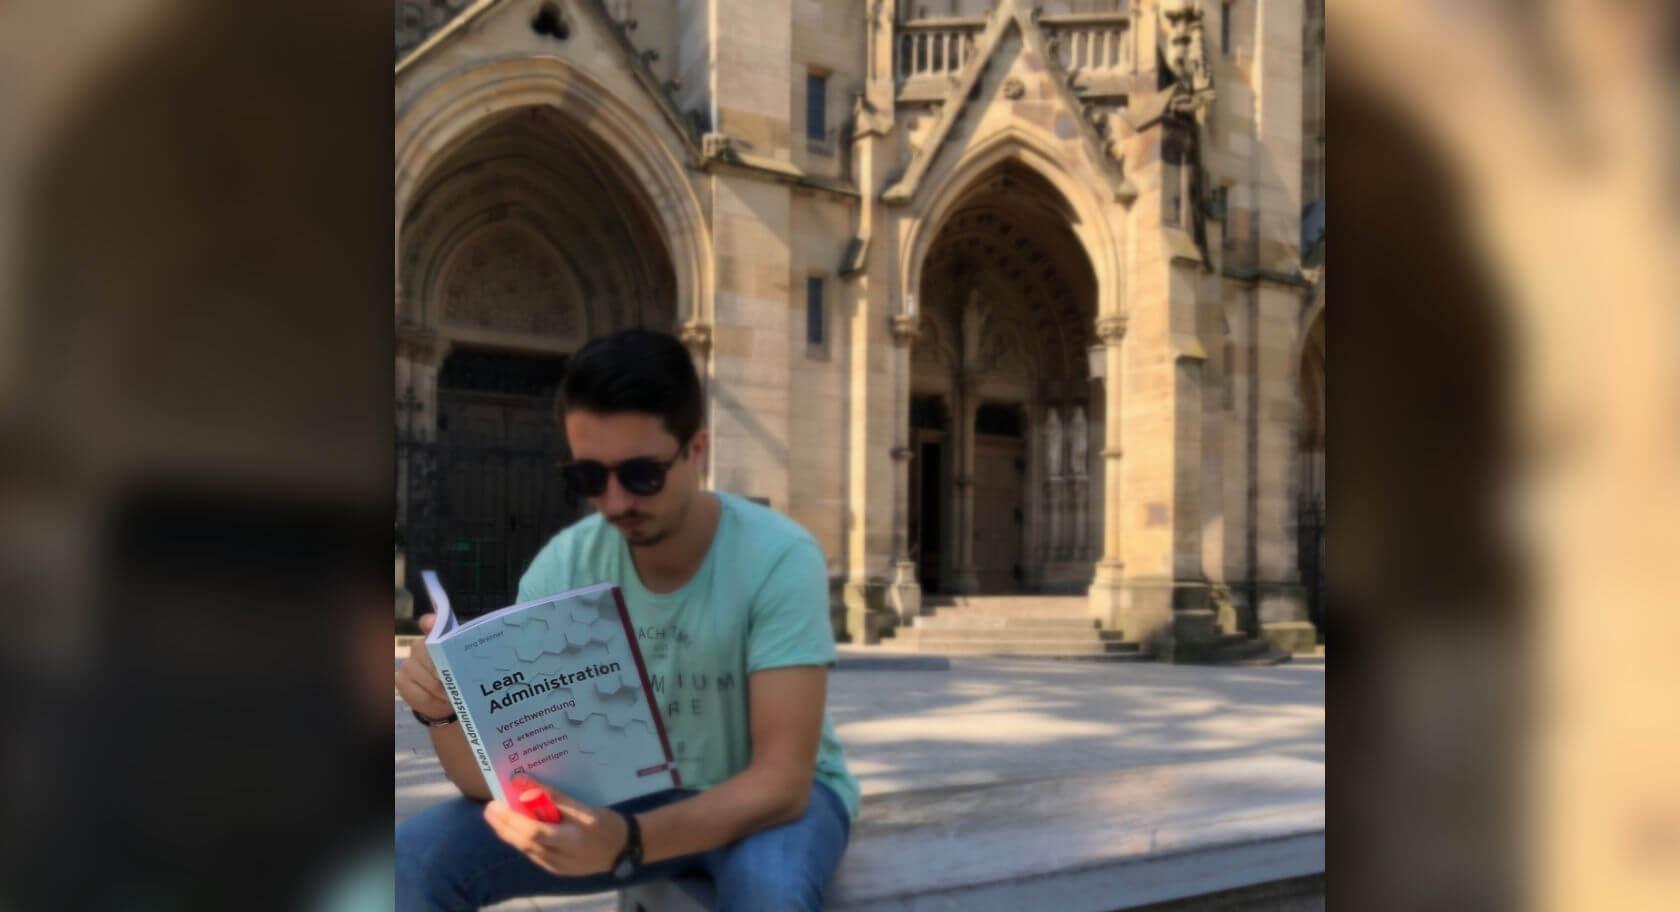 09/18 – Buch des Monats: Lean Administration